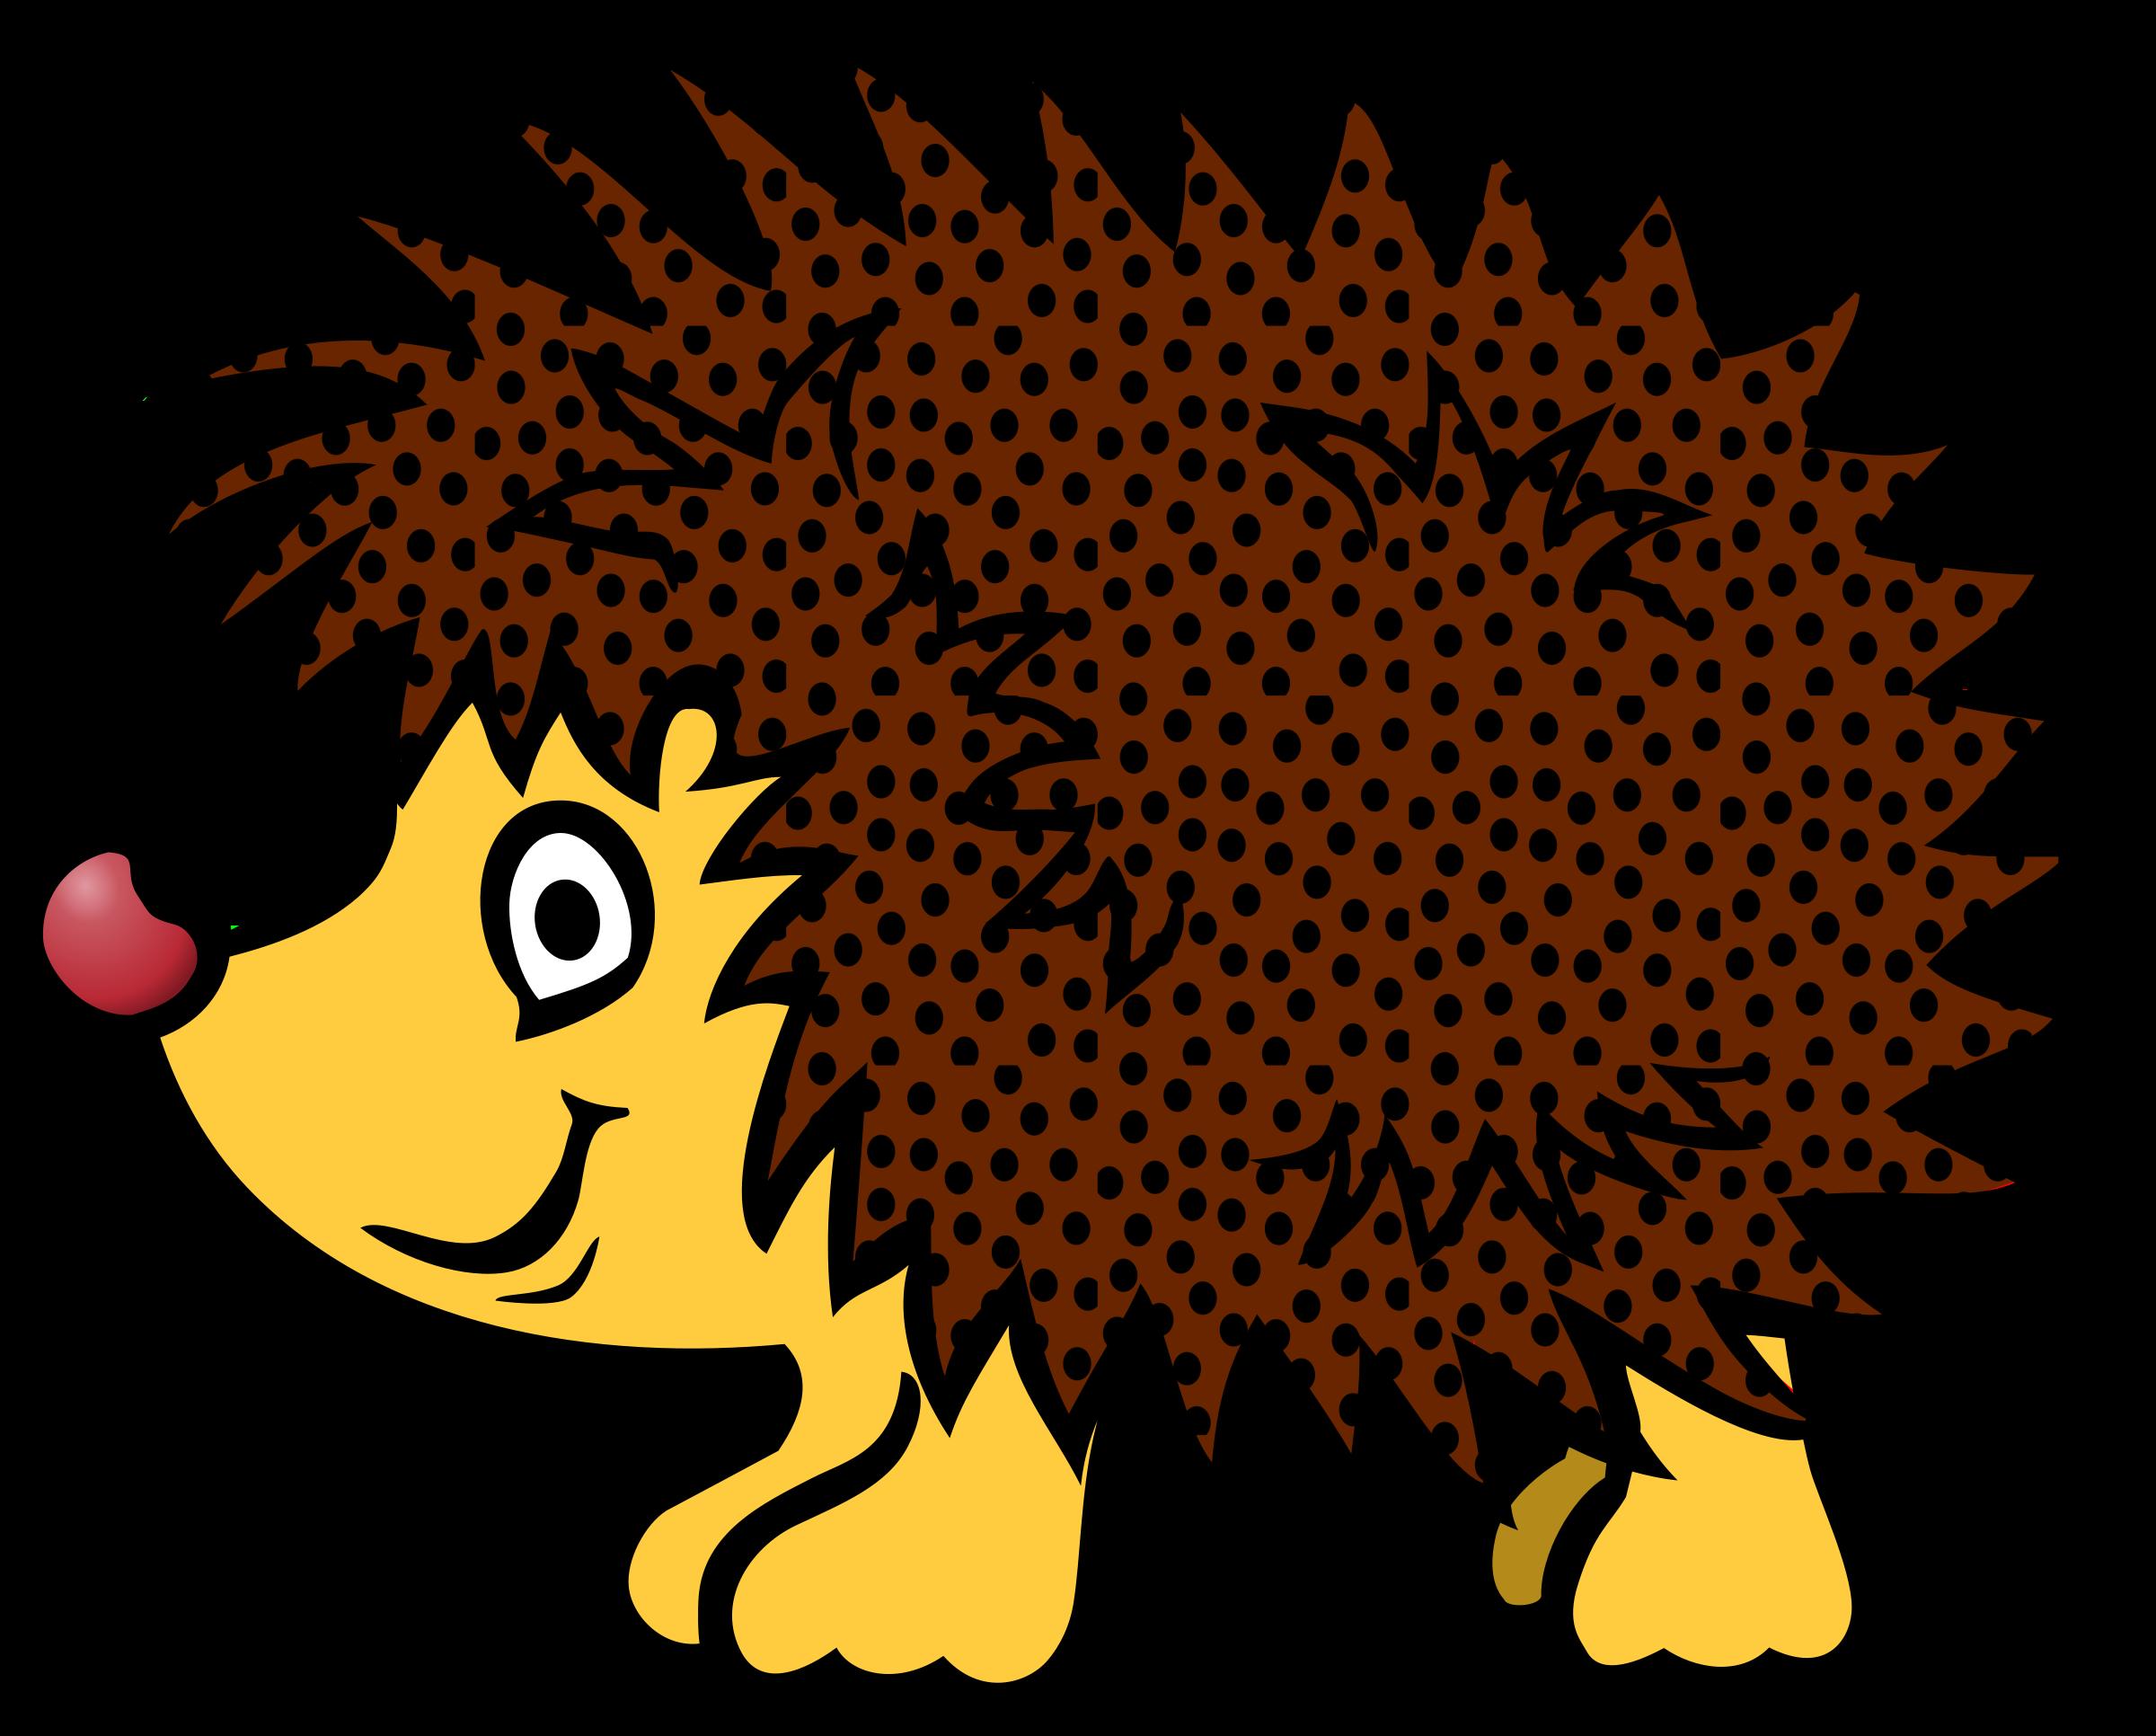 Hedgehog clip art the cliparts